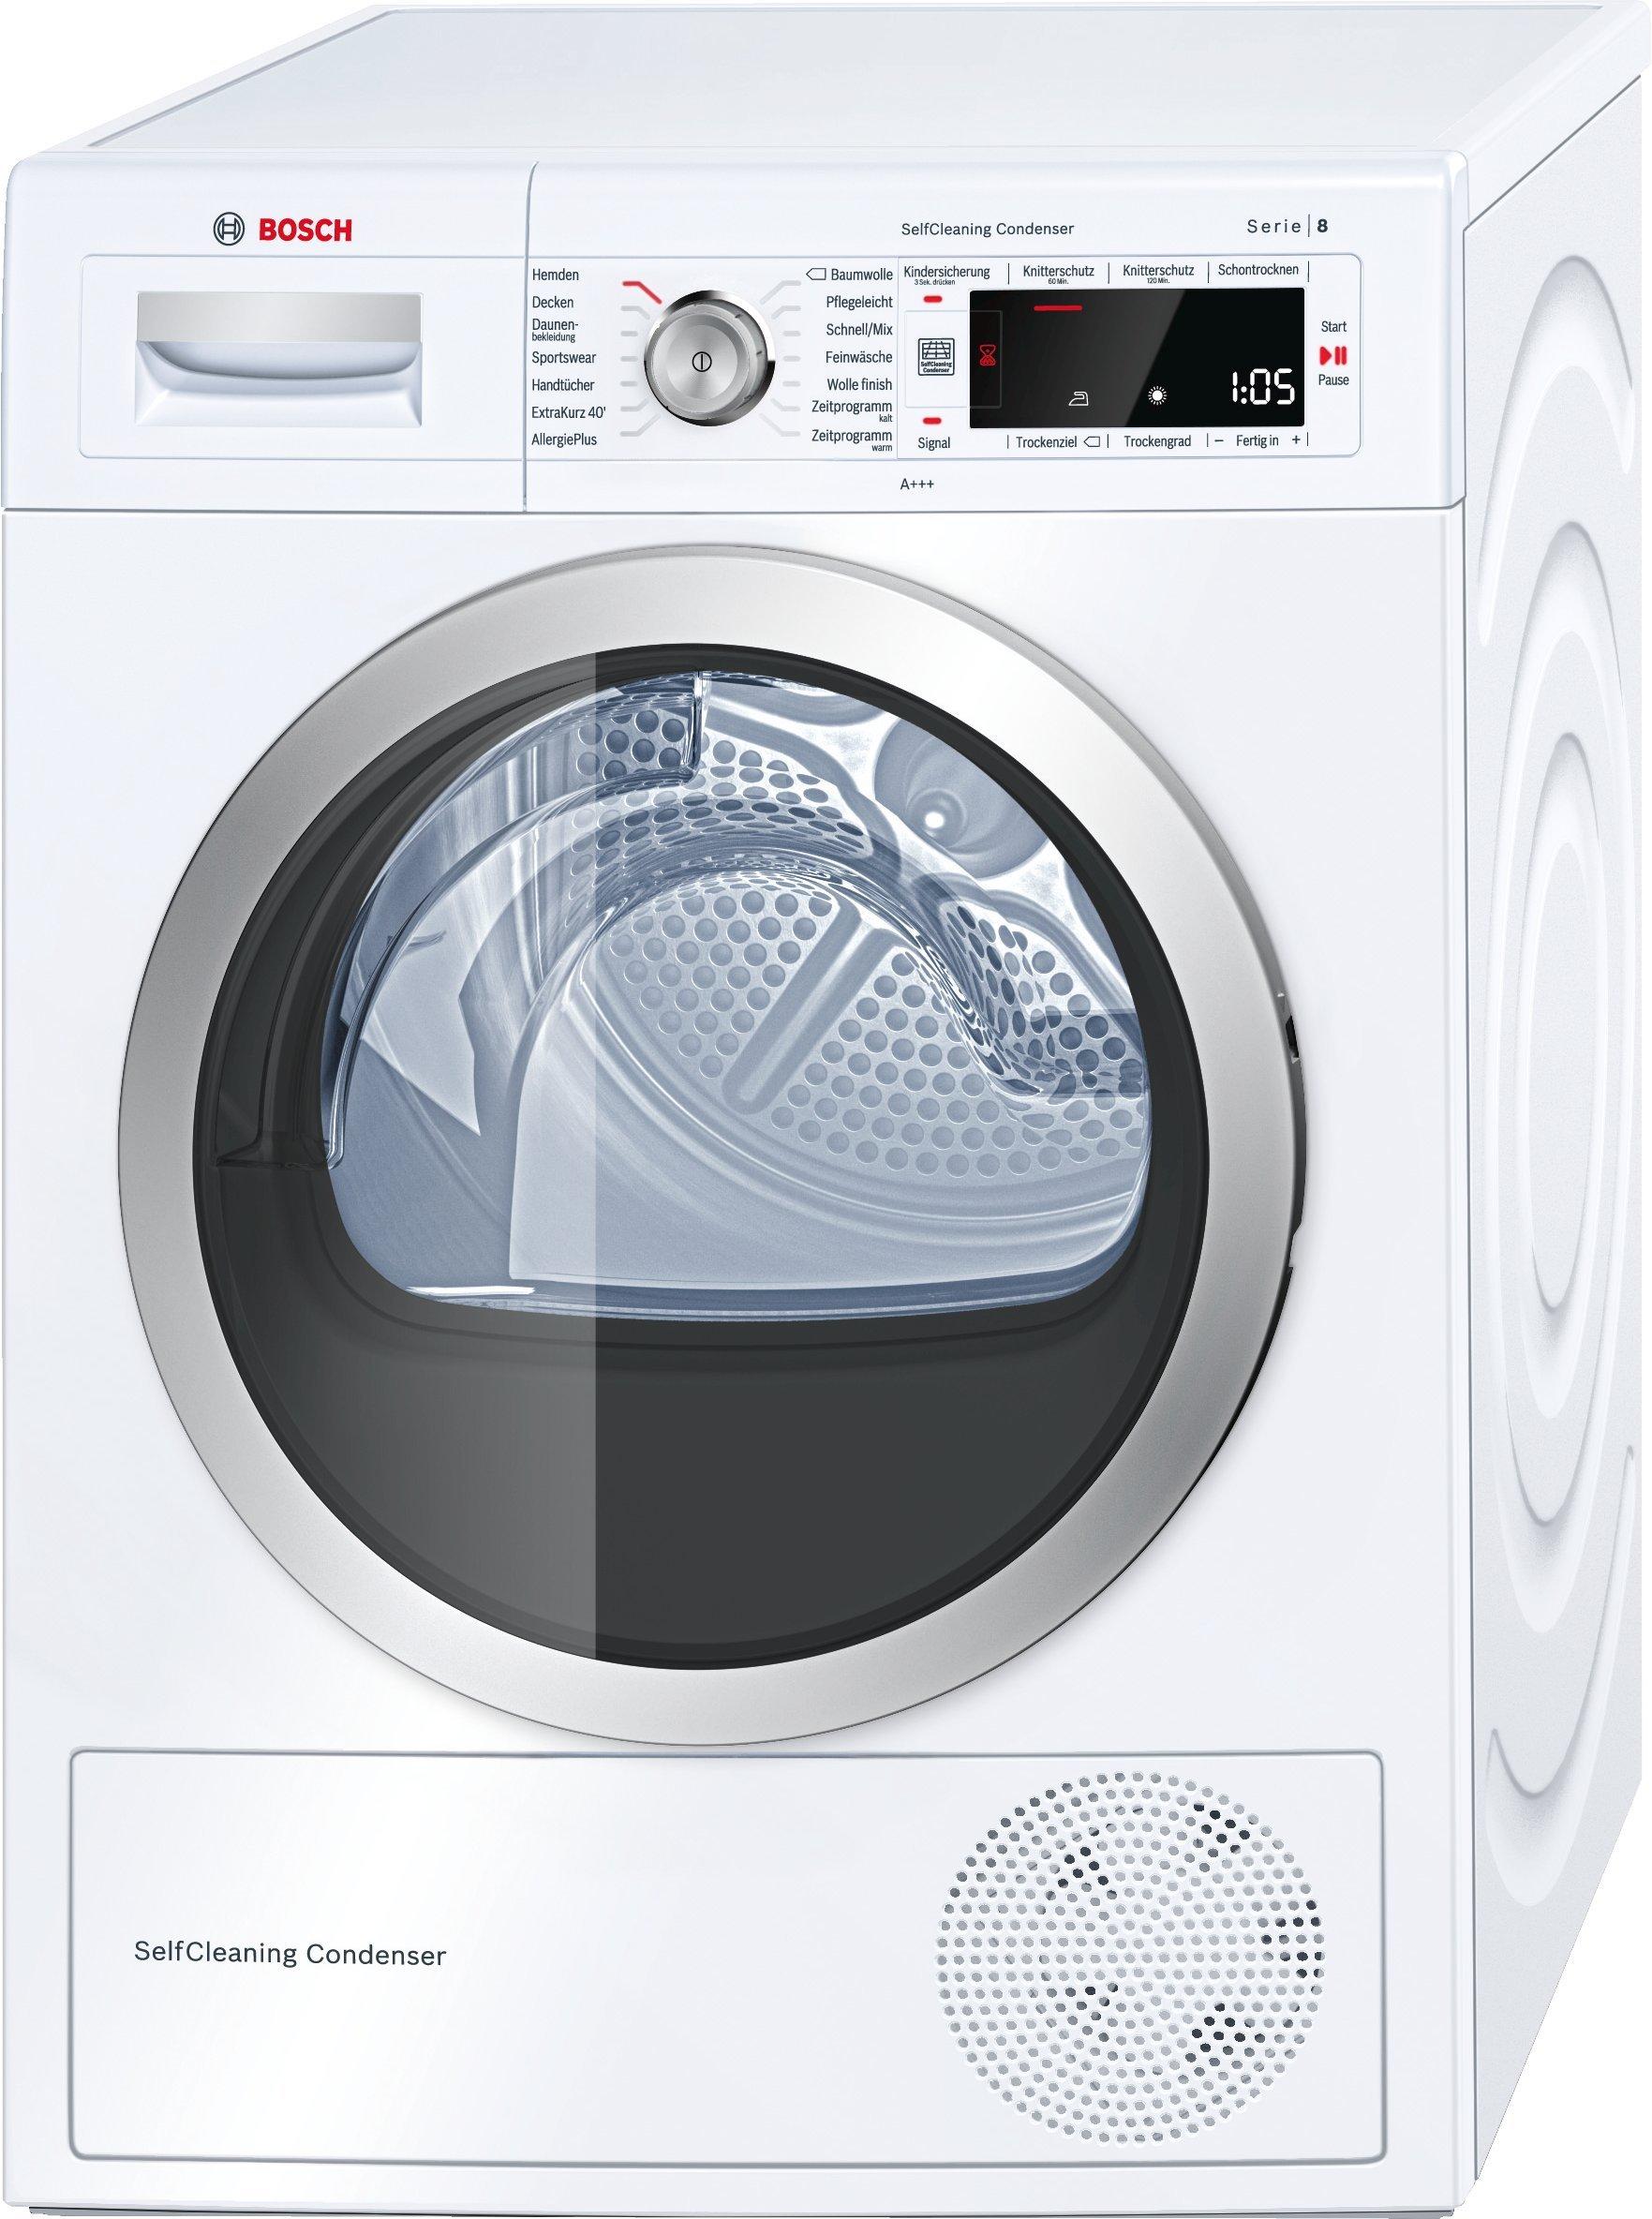 Bosch WTW875W0 Serie 8 Wärmepumpentrockner, Kondenstrockner, 8 kg, weiß